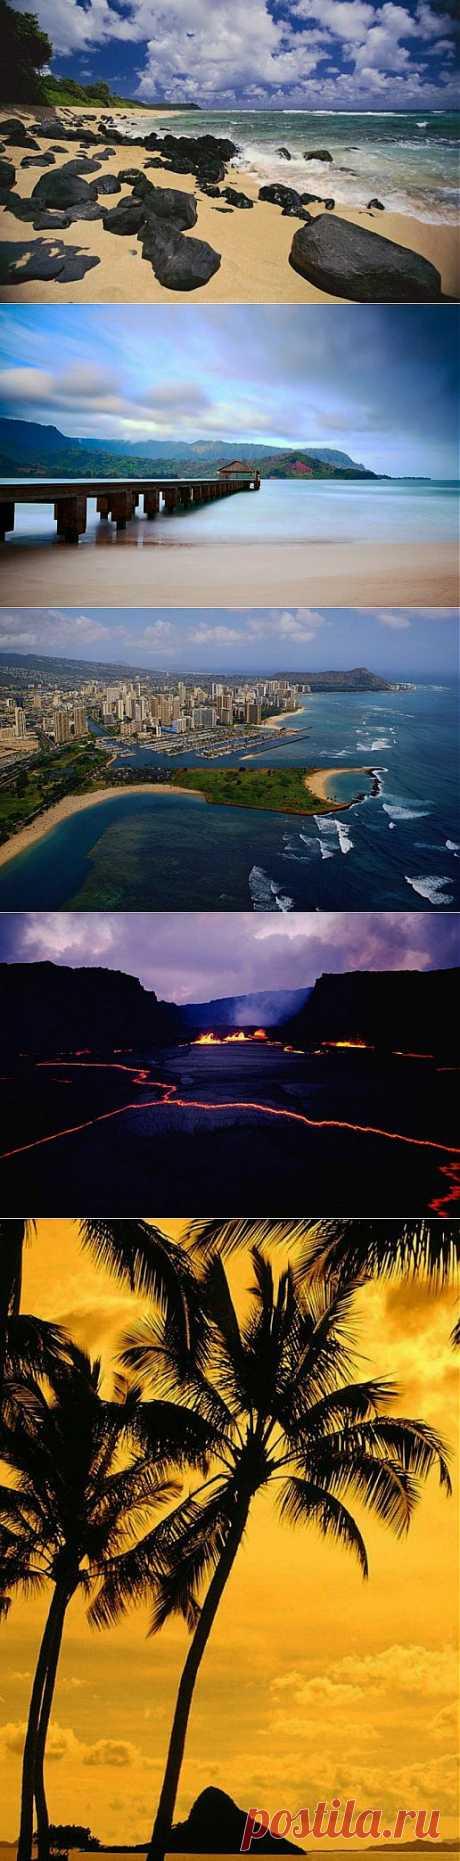 НА Гавайях | ТУРИЗМ И ОТДЫХ